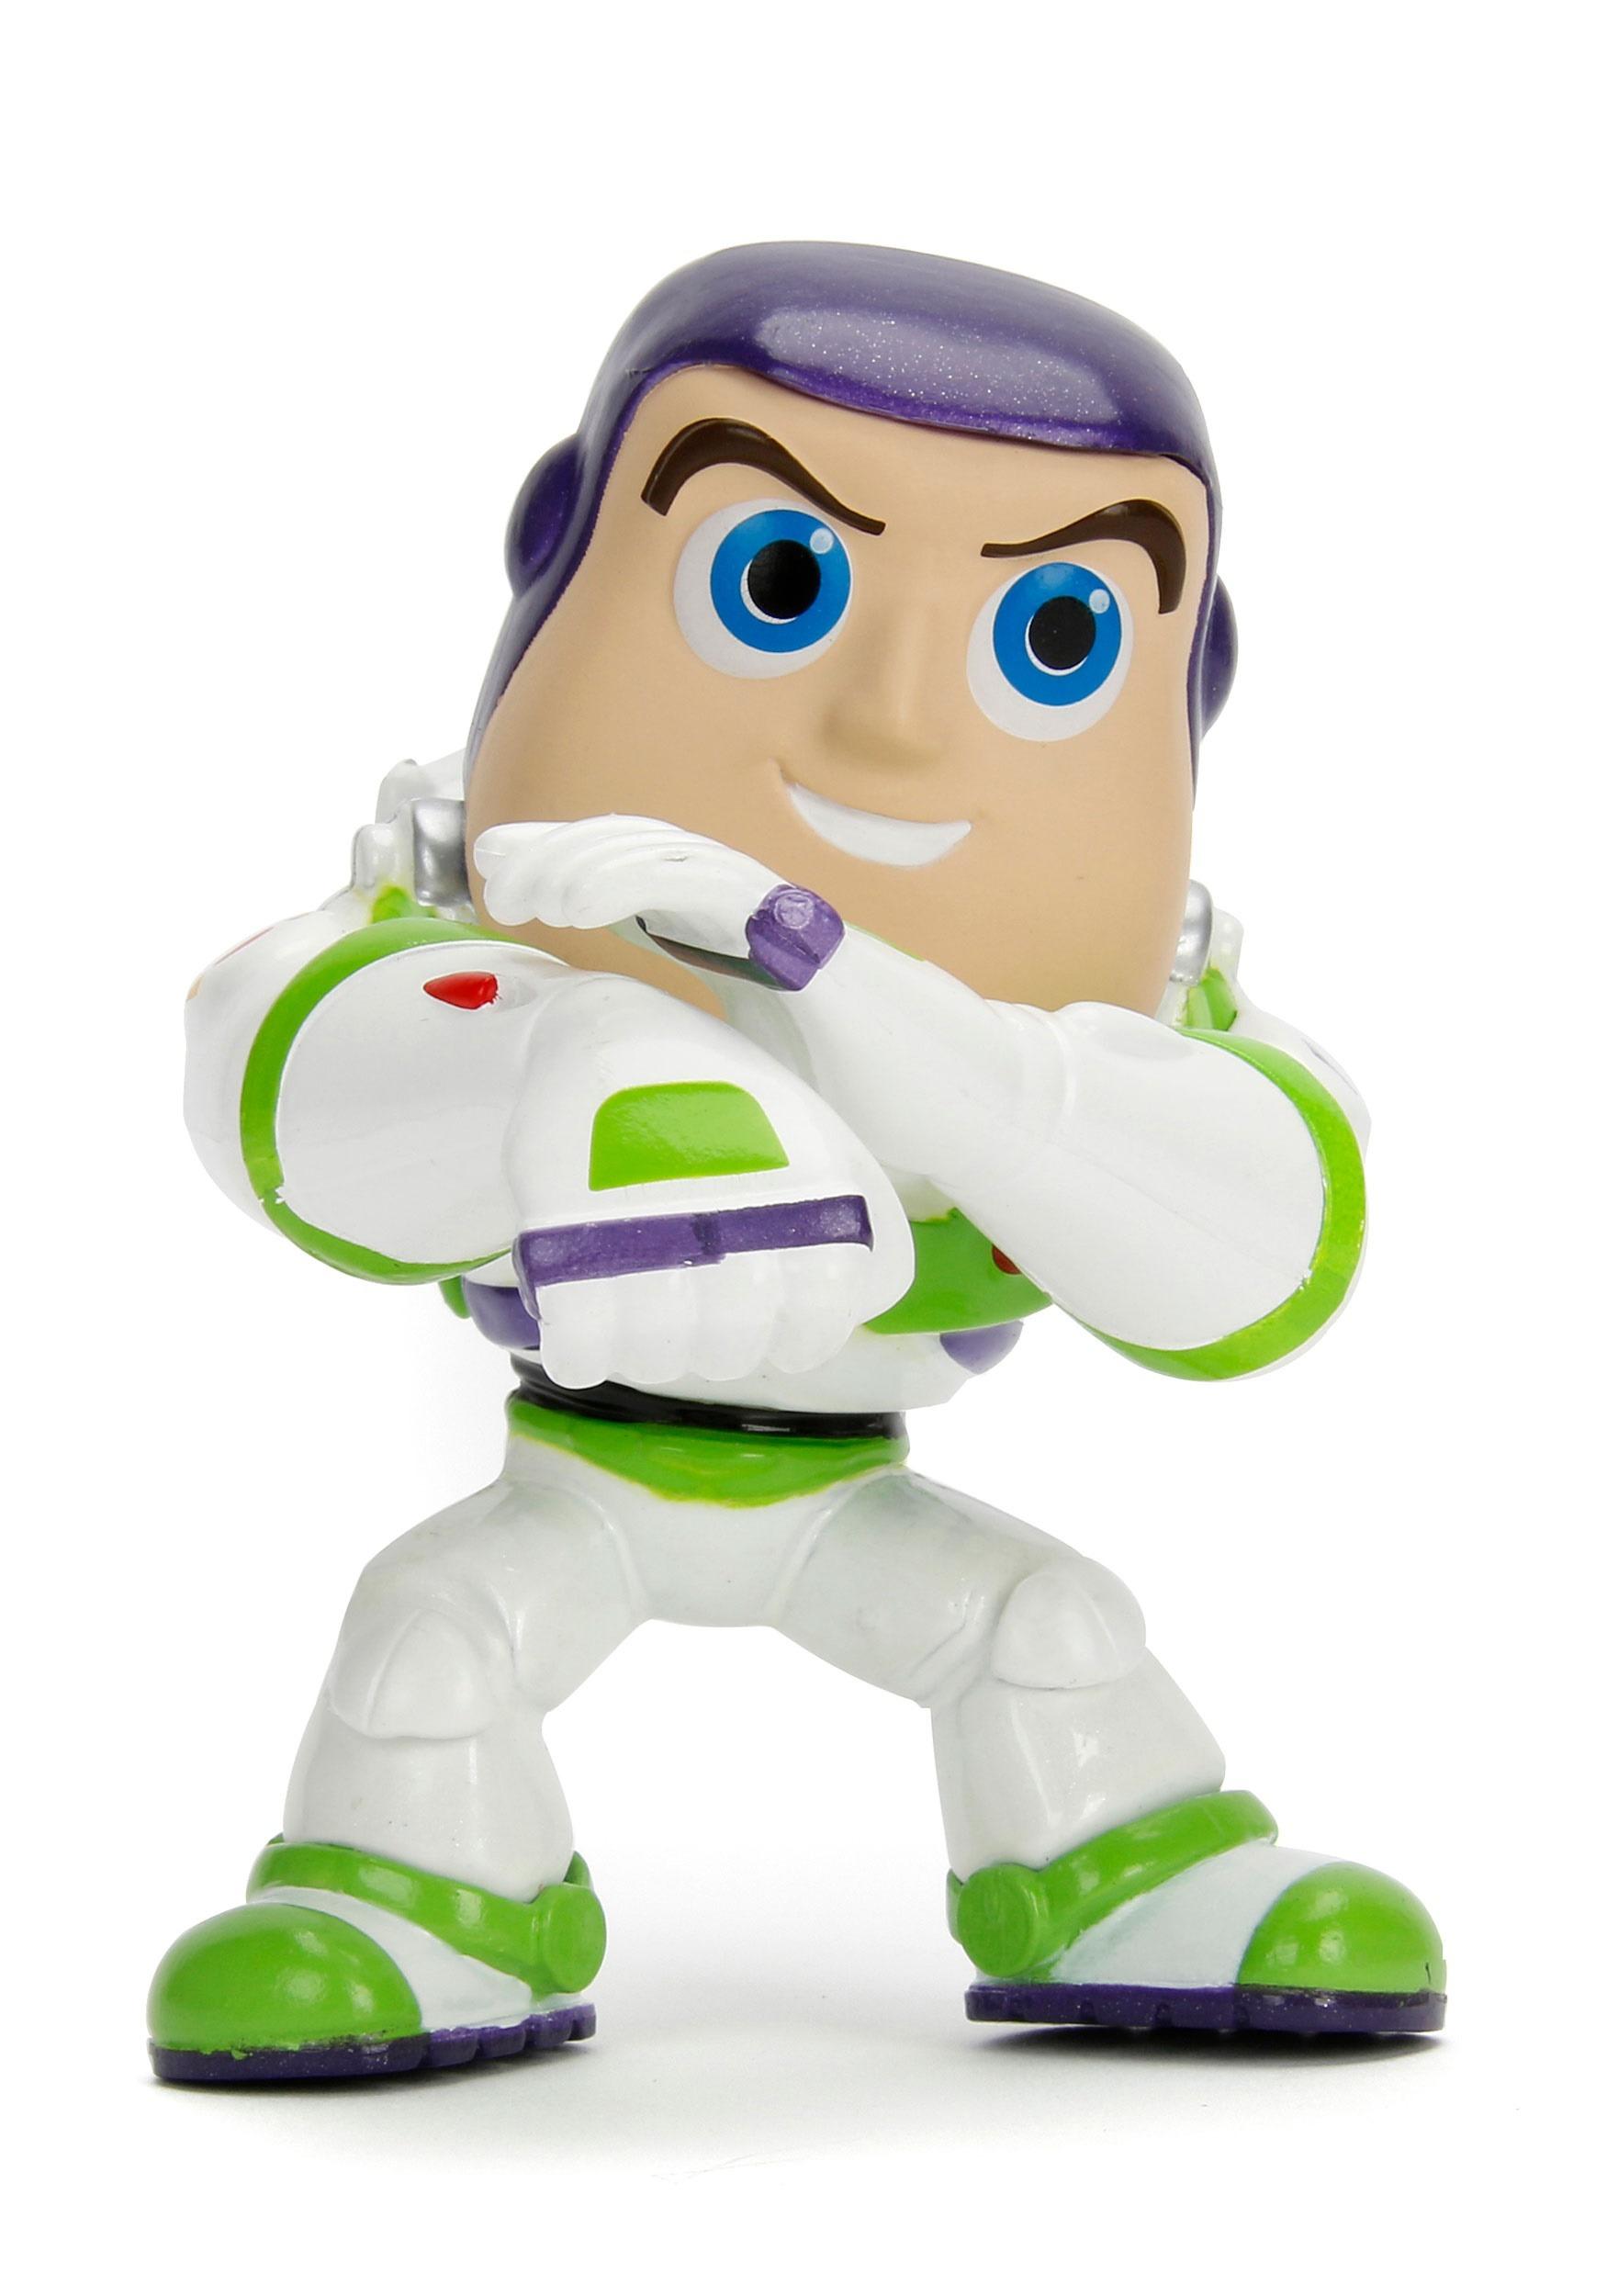 Buzz Lightyear 4